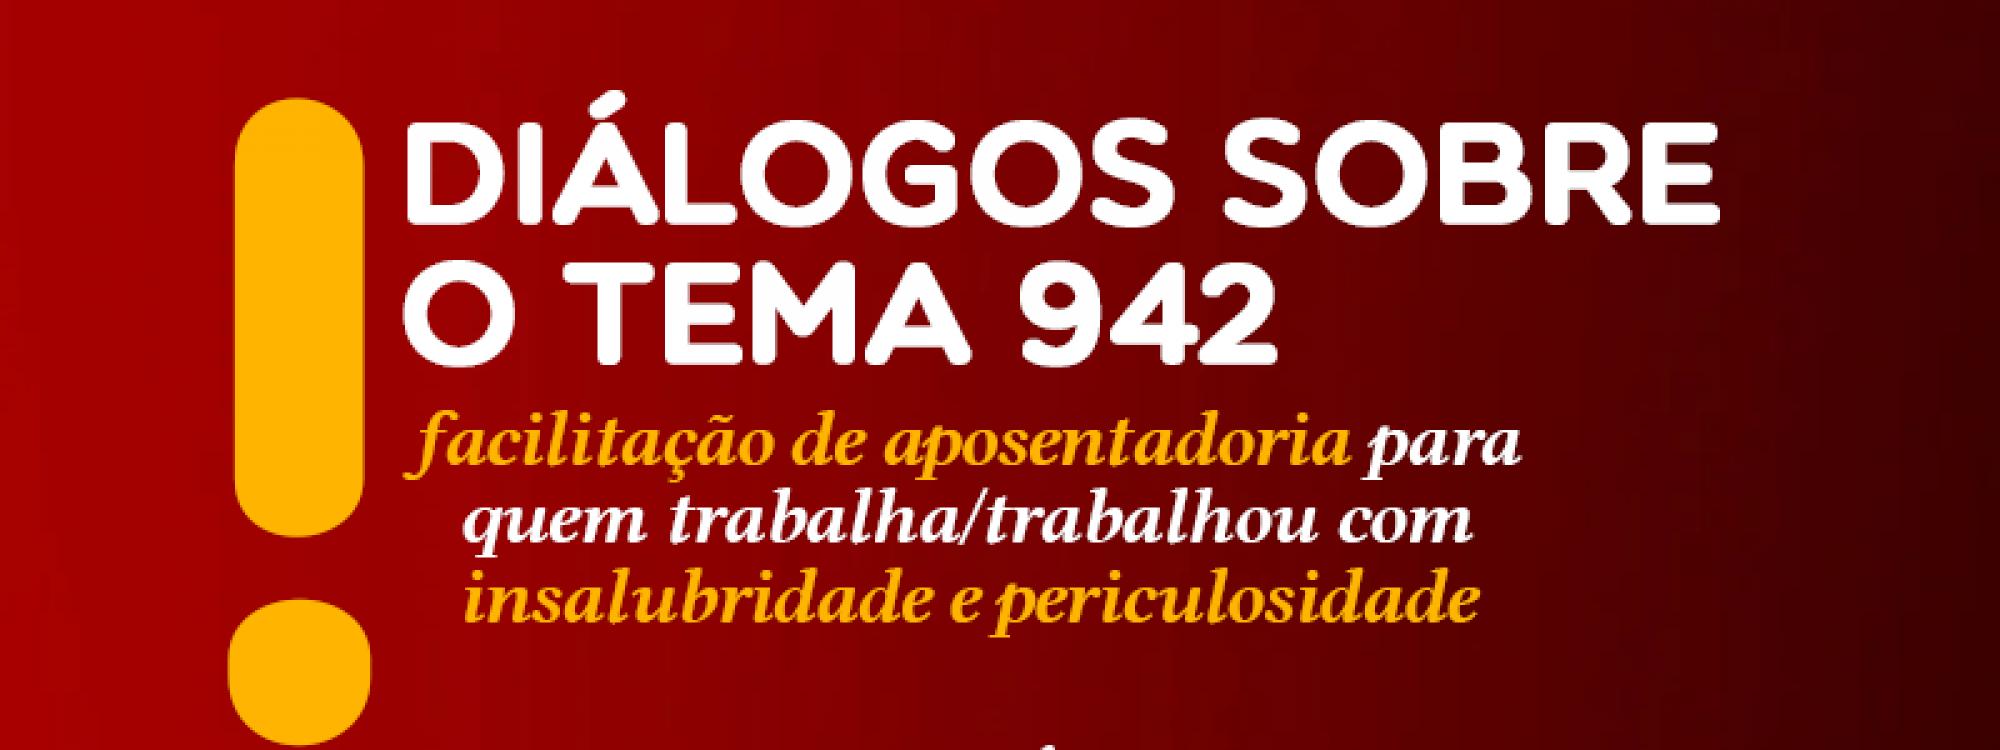 Agendamento de reuniões sobre o tema 942 com o setor jurídico da ADUFU: informe-se!